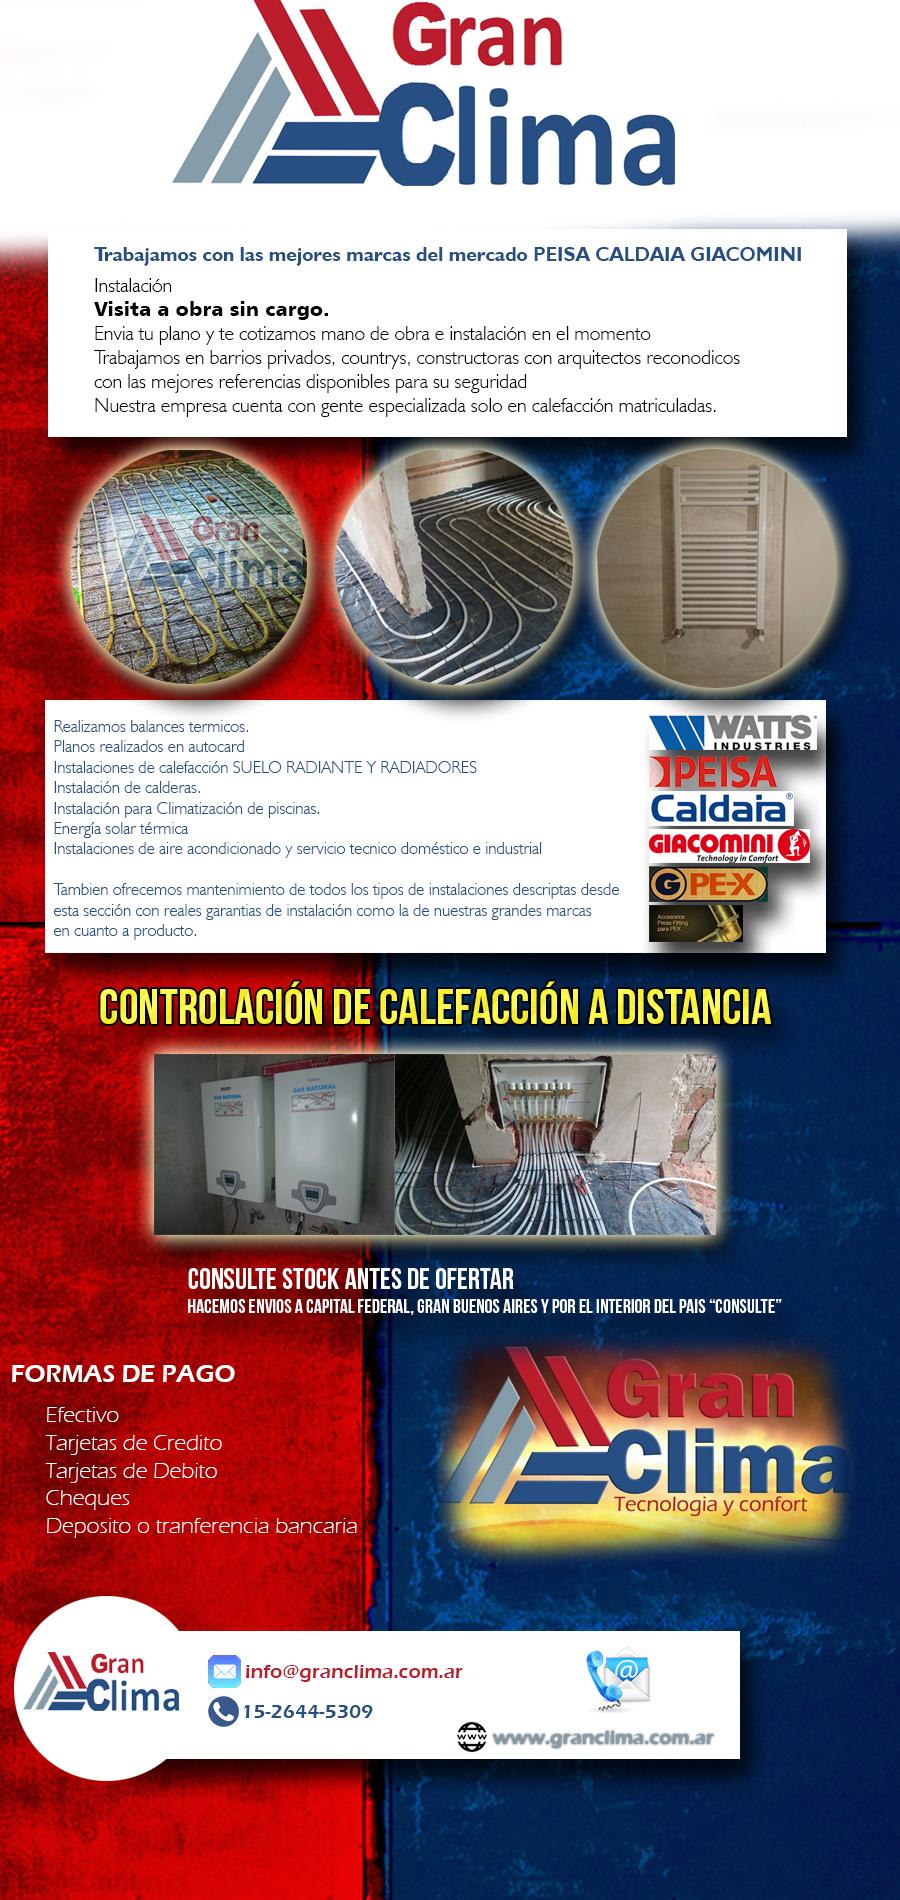 Piso Radiante Calderas Radiadores Calefaccion Instalaci N En  ~ Precio Instalacion Calefaccion Radiadores